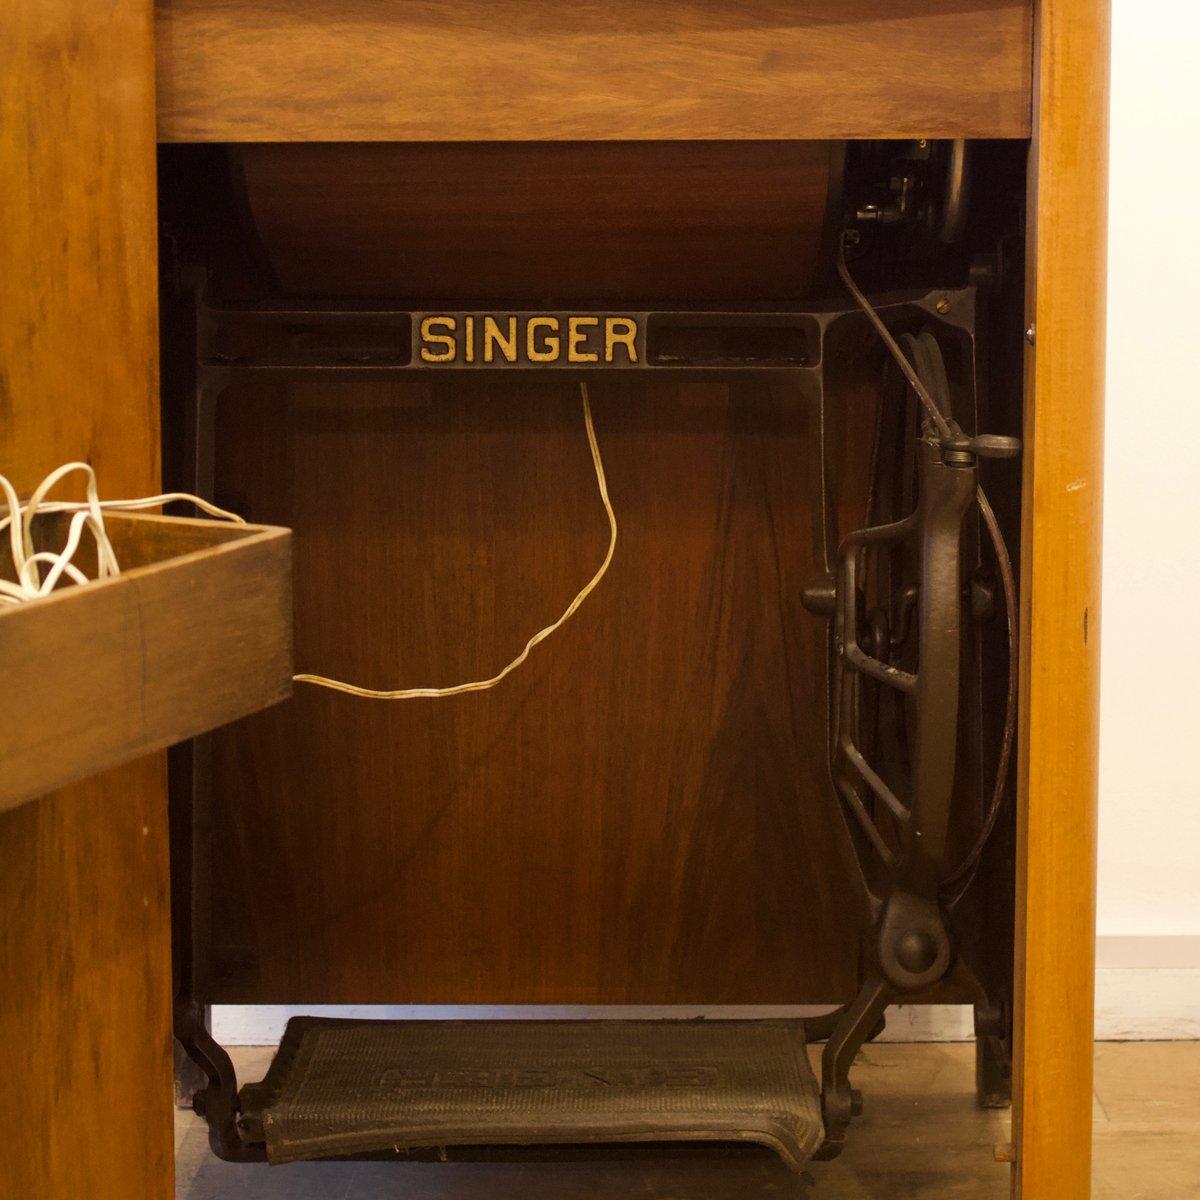 Mueble para m quina de coser de singer a os 50 en venta for Mueble para maquina de coser